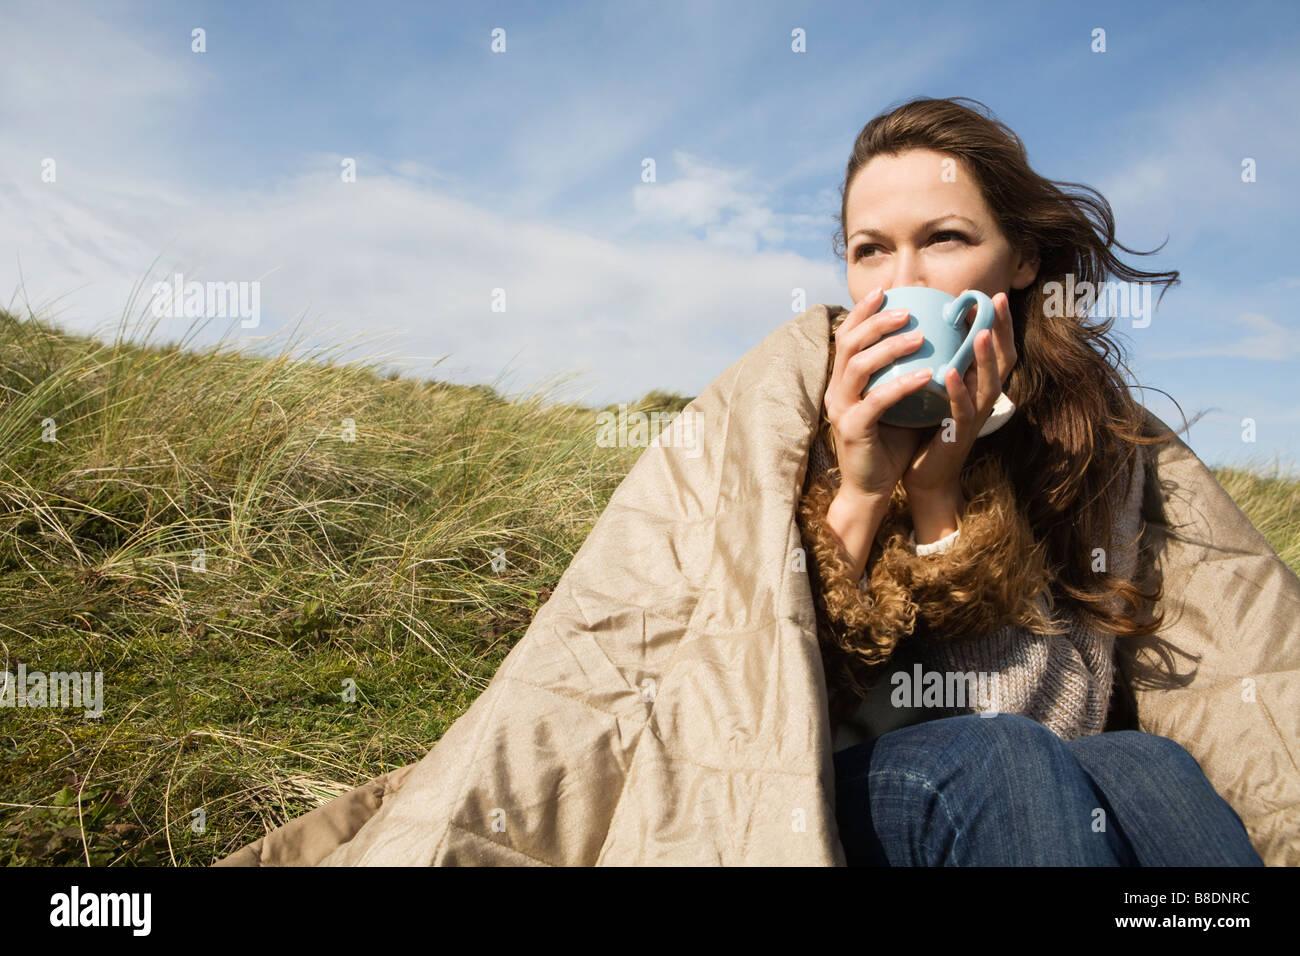 Donna all'aperto con coperta e bere Immagini Stock